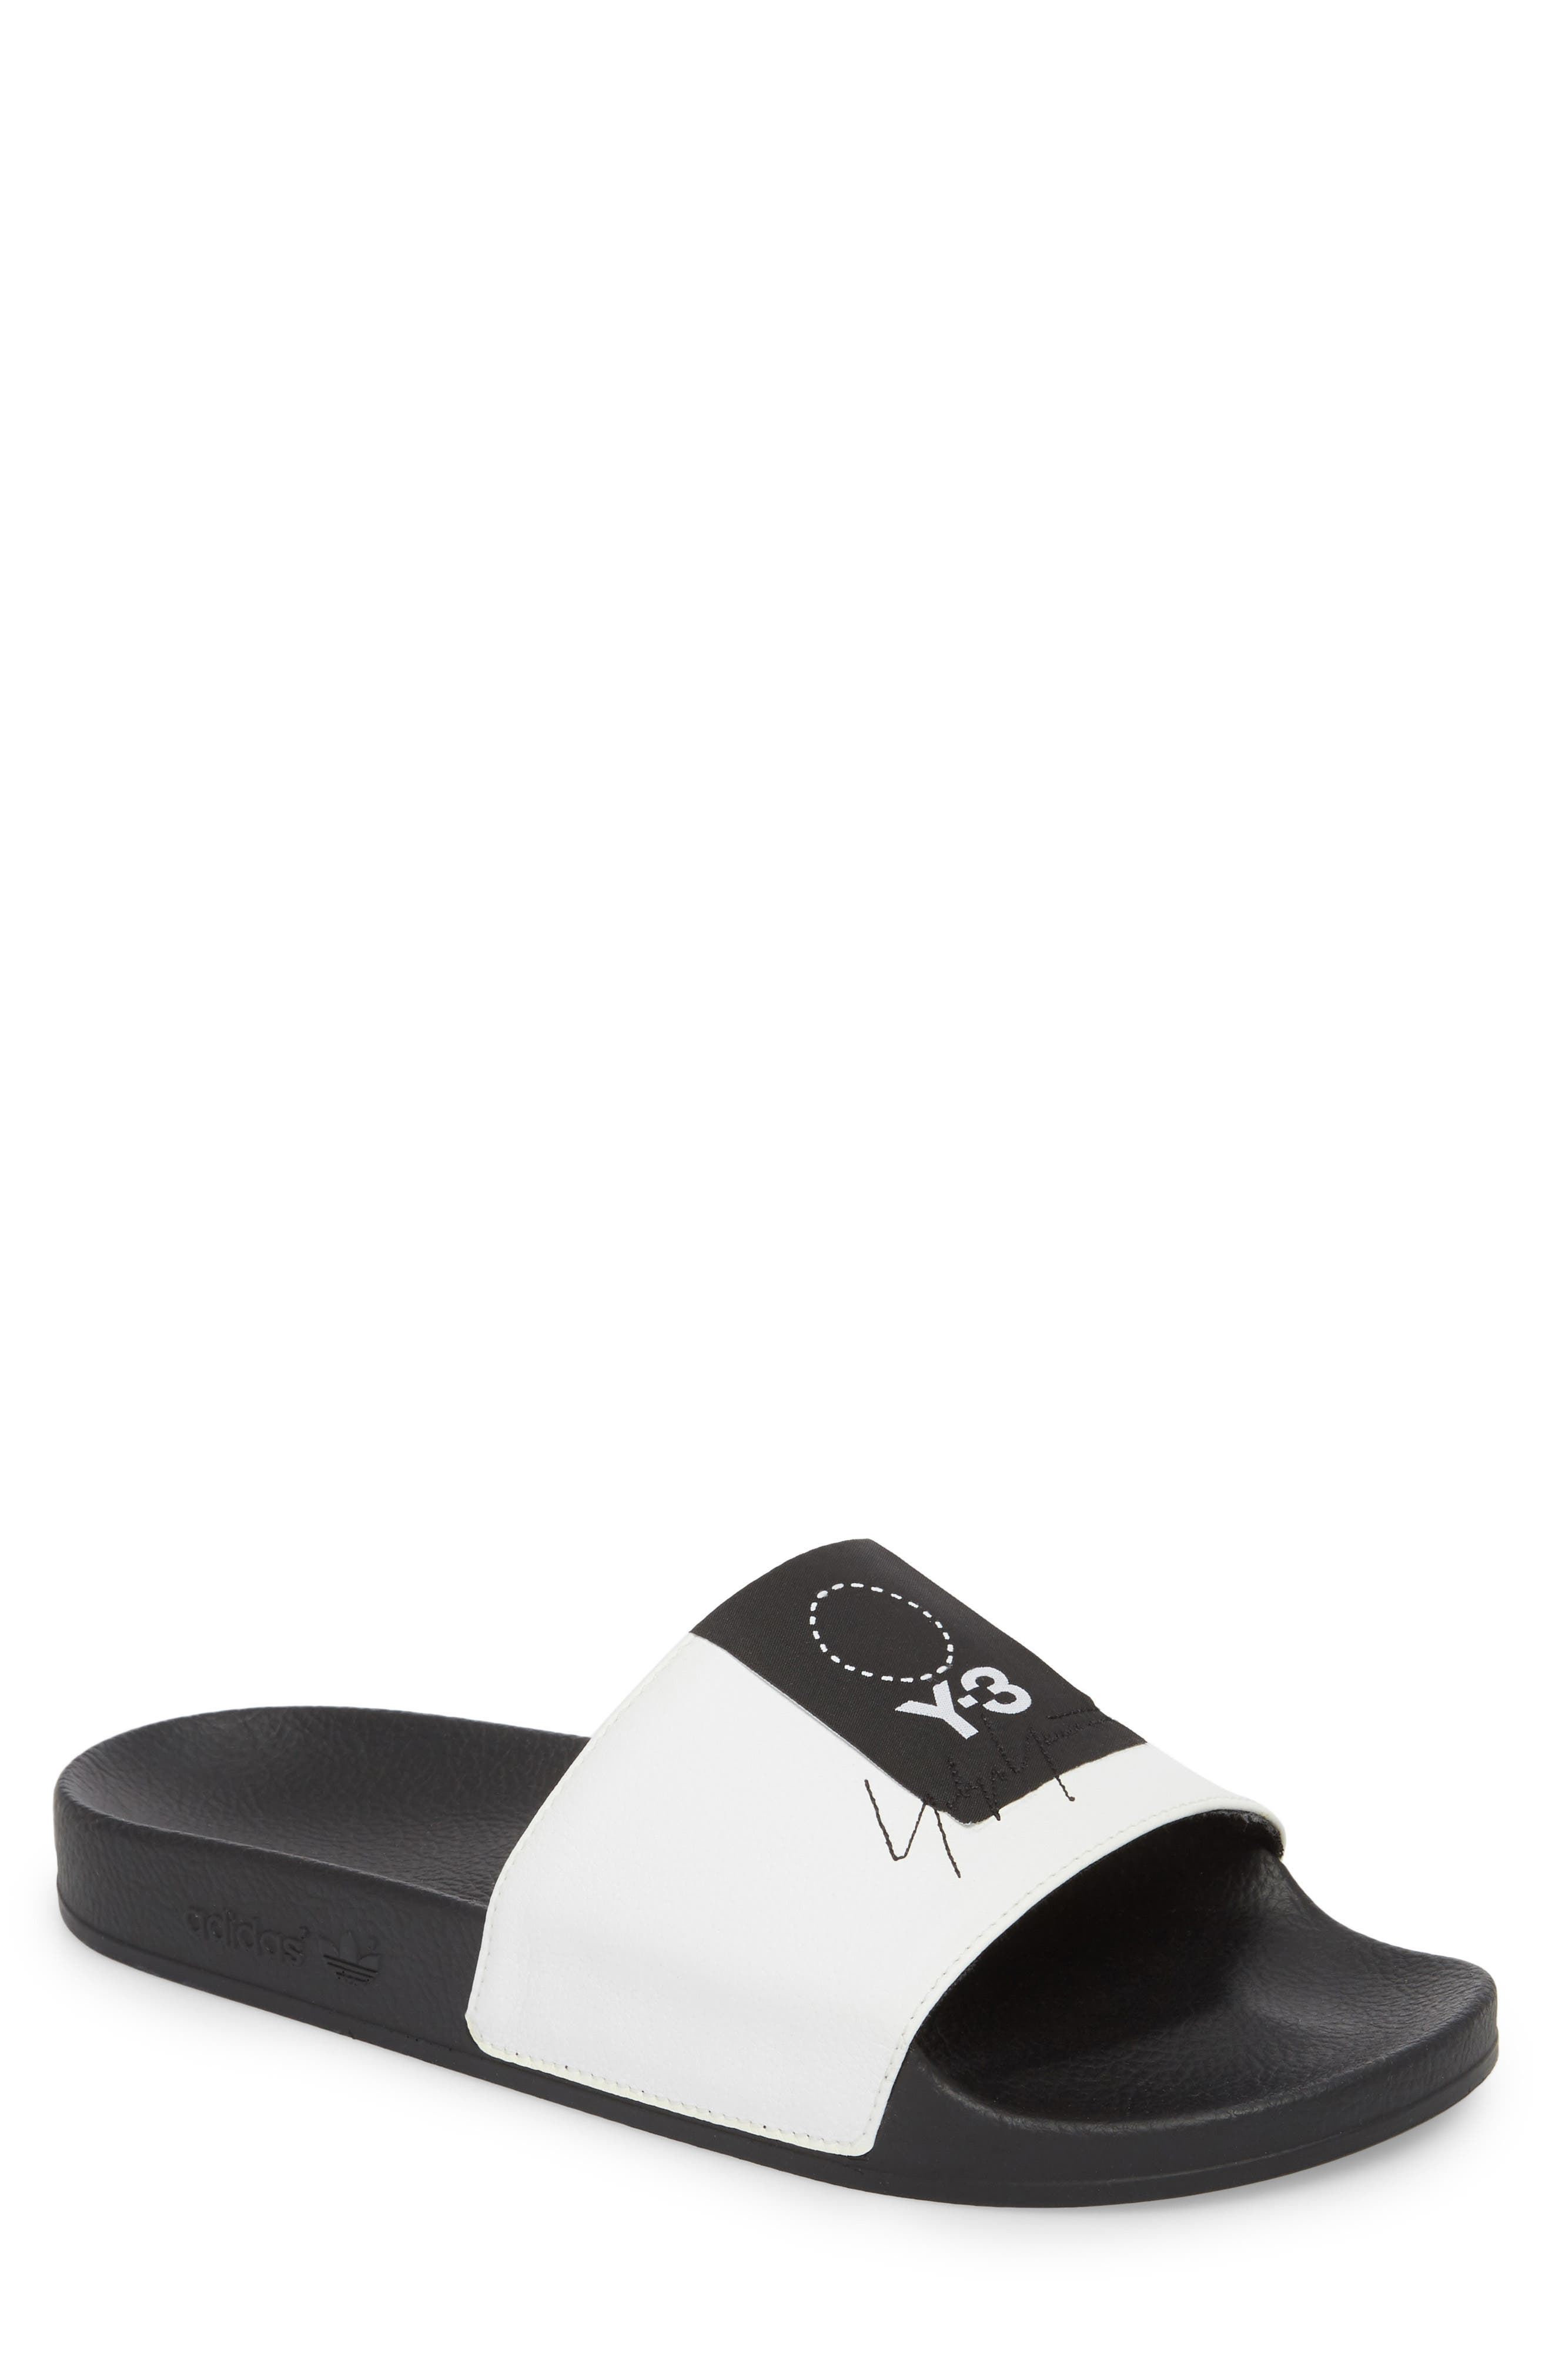 Adilette Slide Sandal,                         Main,                         color, White/ Black